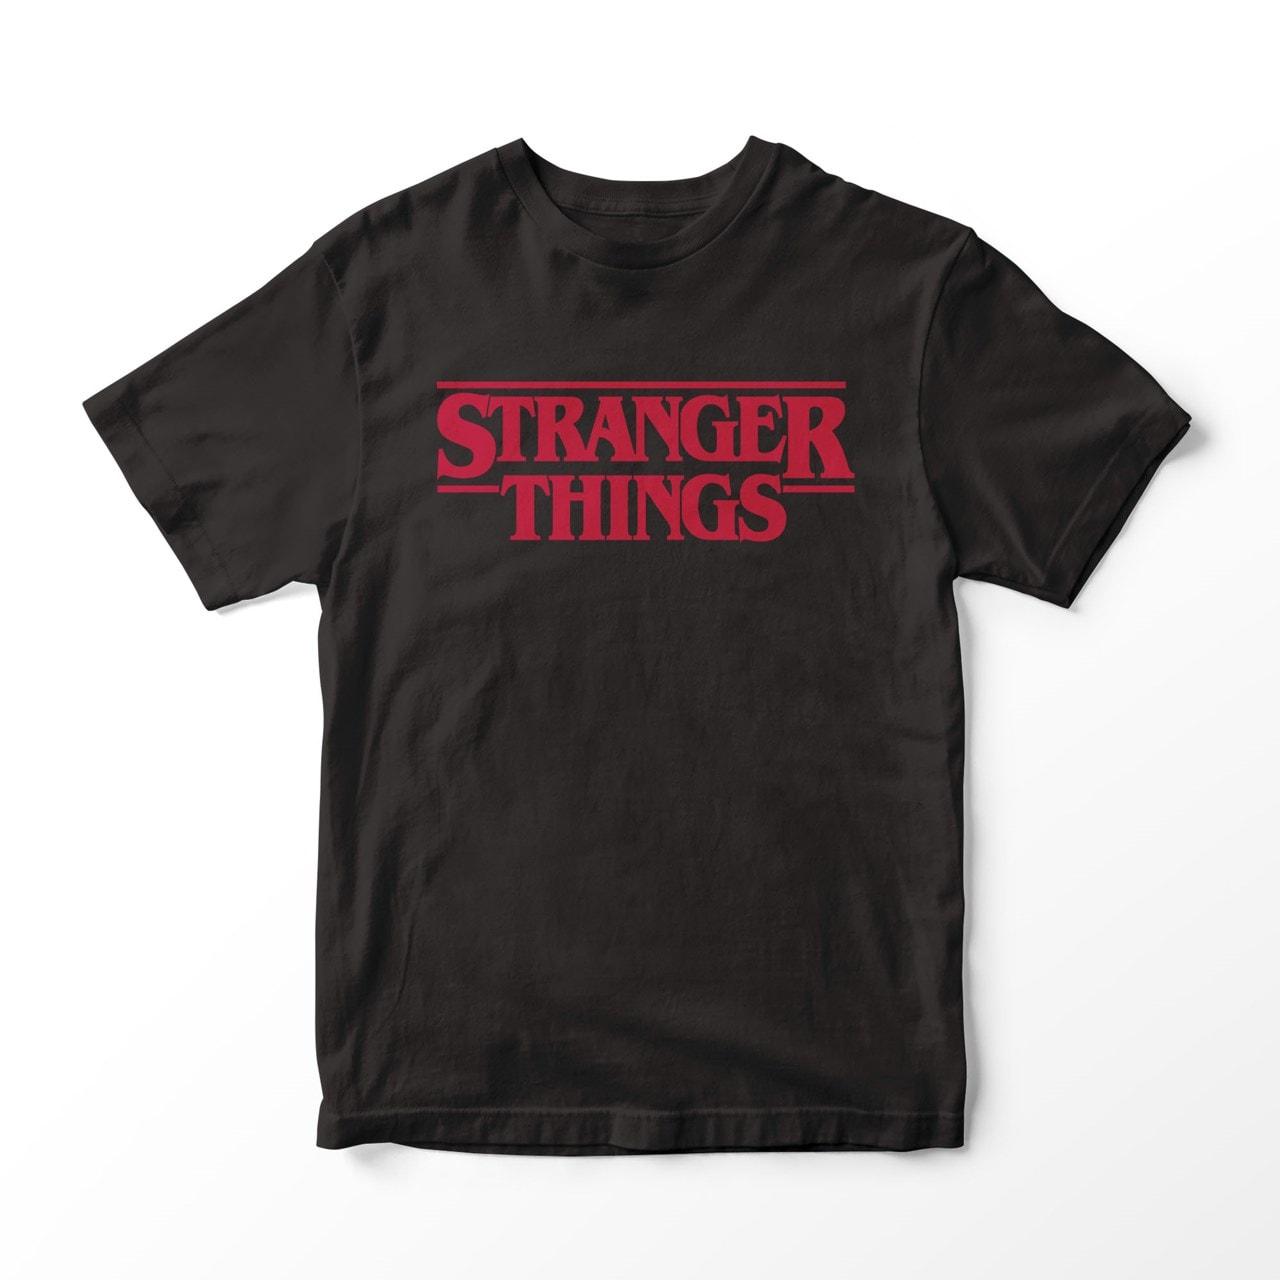 Stranger Things: Original Logo (hmv Exclusive) (Large) - 1